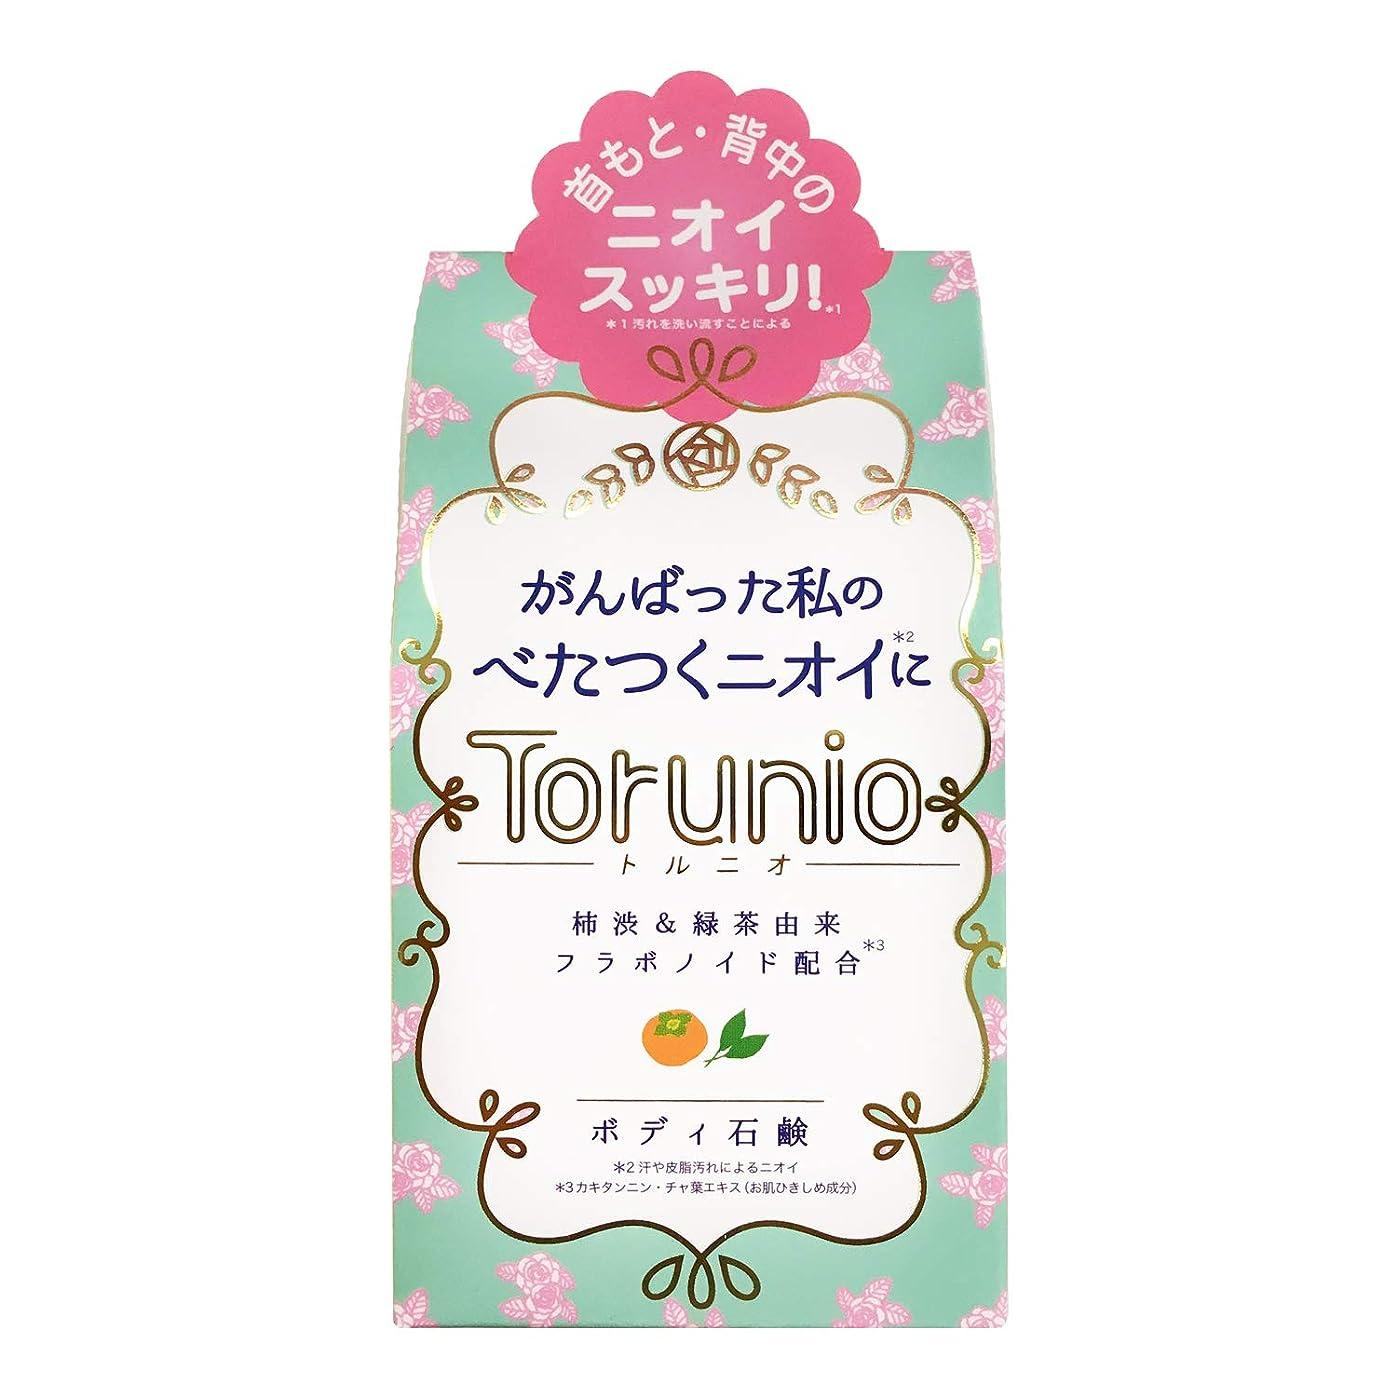 抗生物質じゃない日Torunio(トルニオ)石鹸 100g